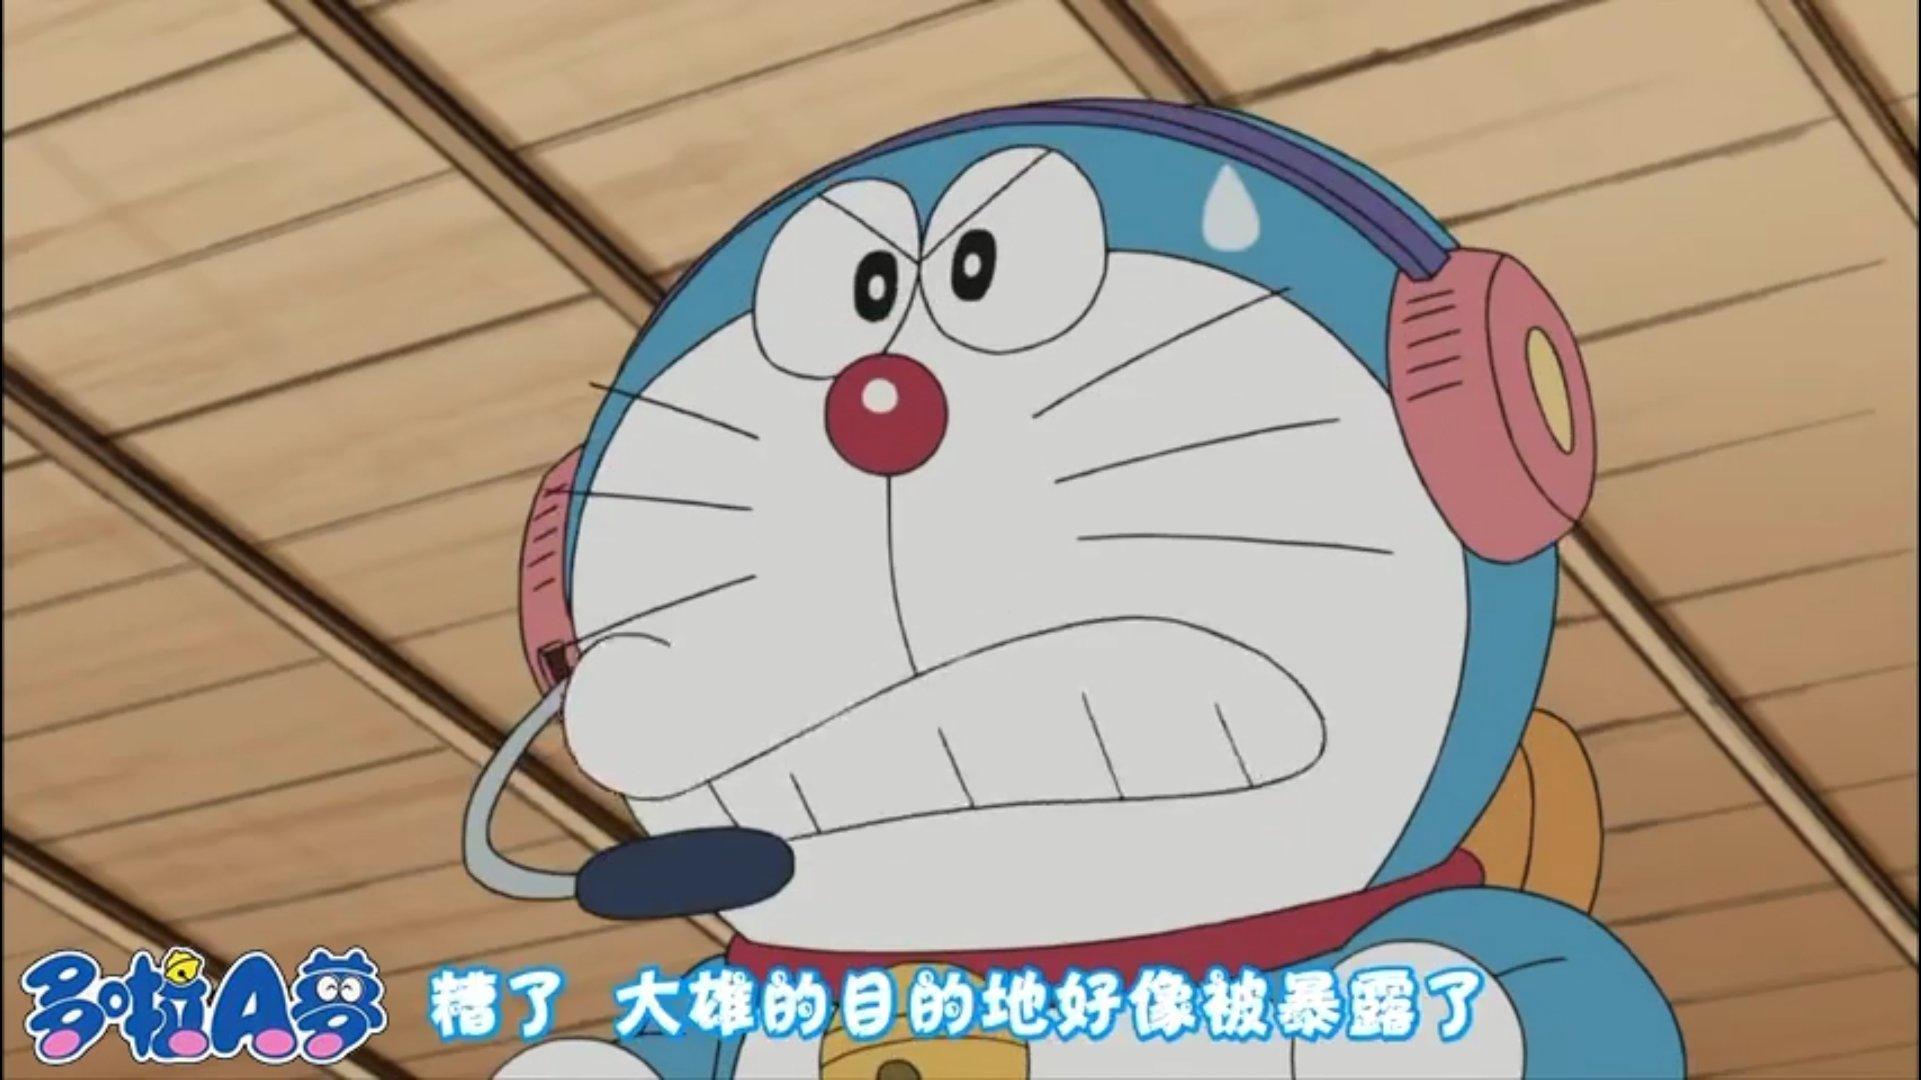 【视频】哆啦A梦:胖虎下达通缉令,哆啦a梦指挥大雄小镇内大逃亡!